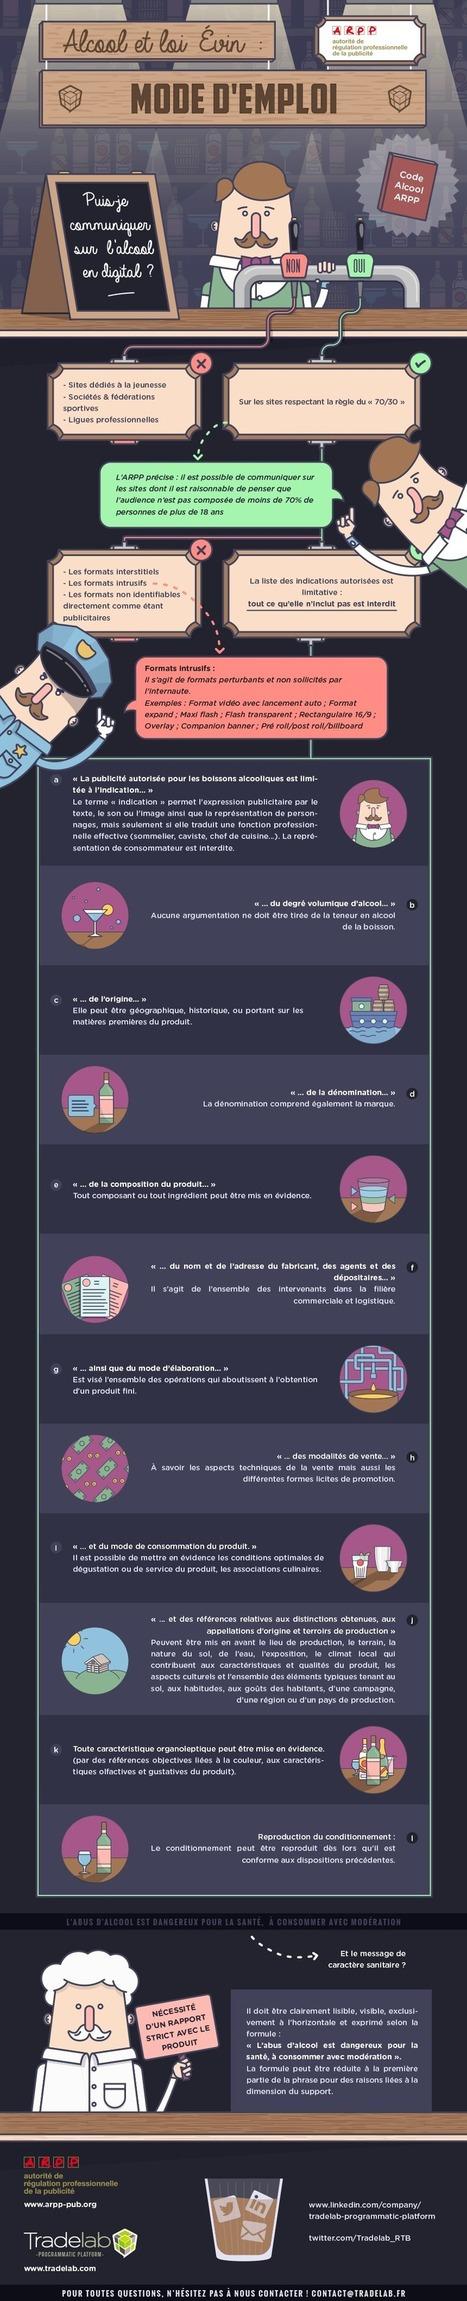 infographie-alcool-et-loi-evin-tradelab.png (860x4238 pixels) | Actualités e-tourisme et oenotourisme | Scoop.it